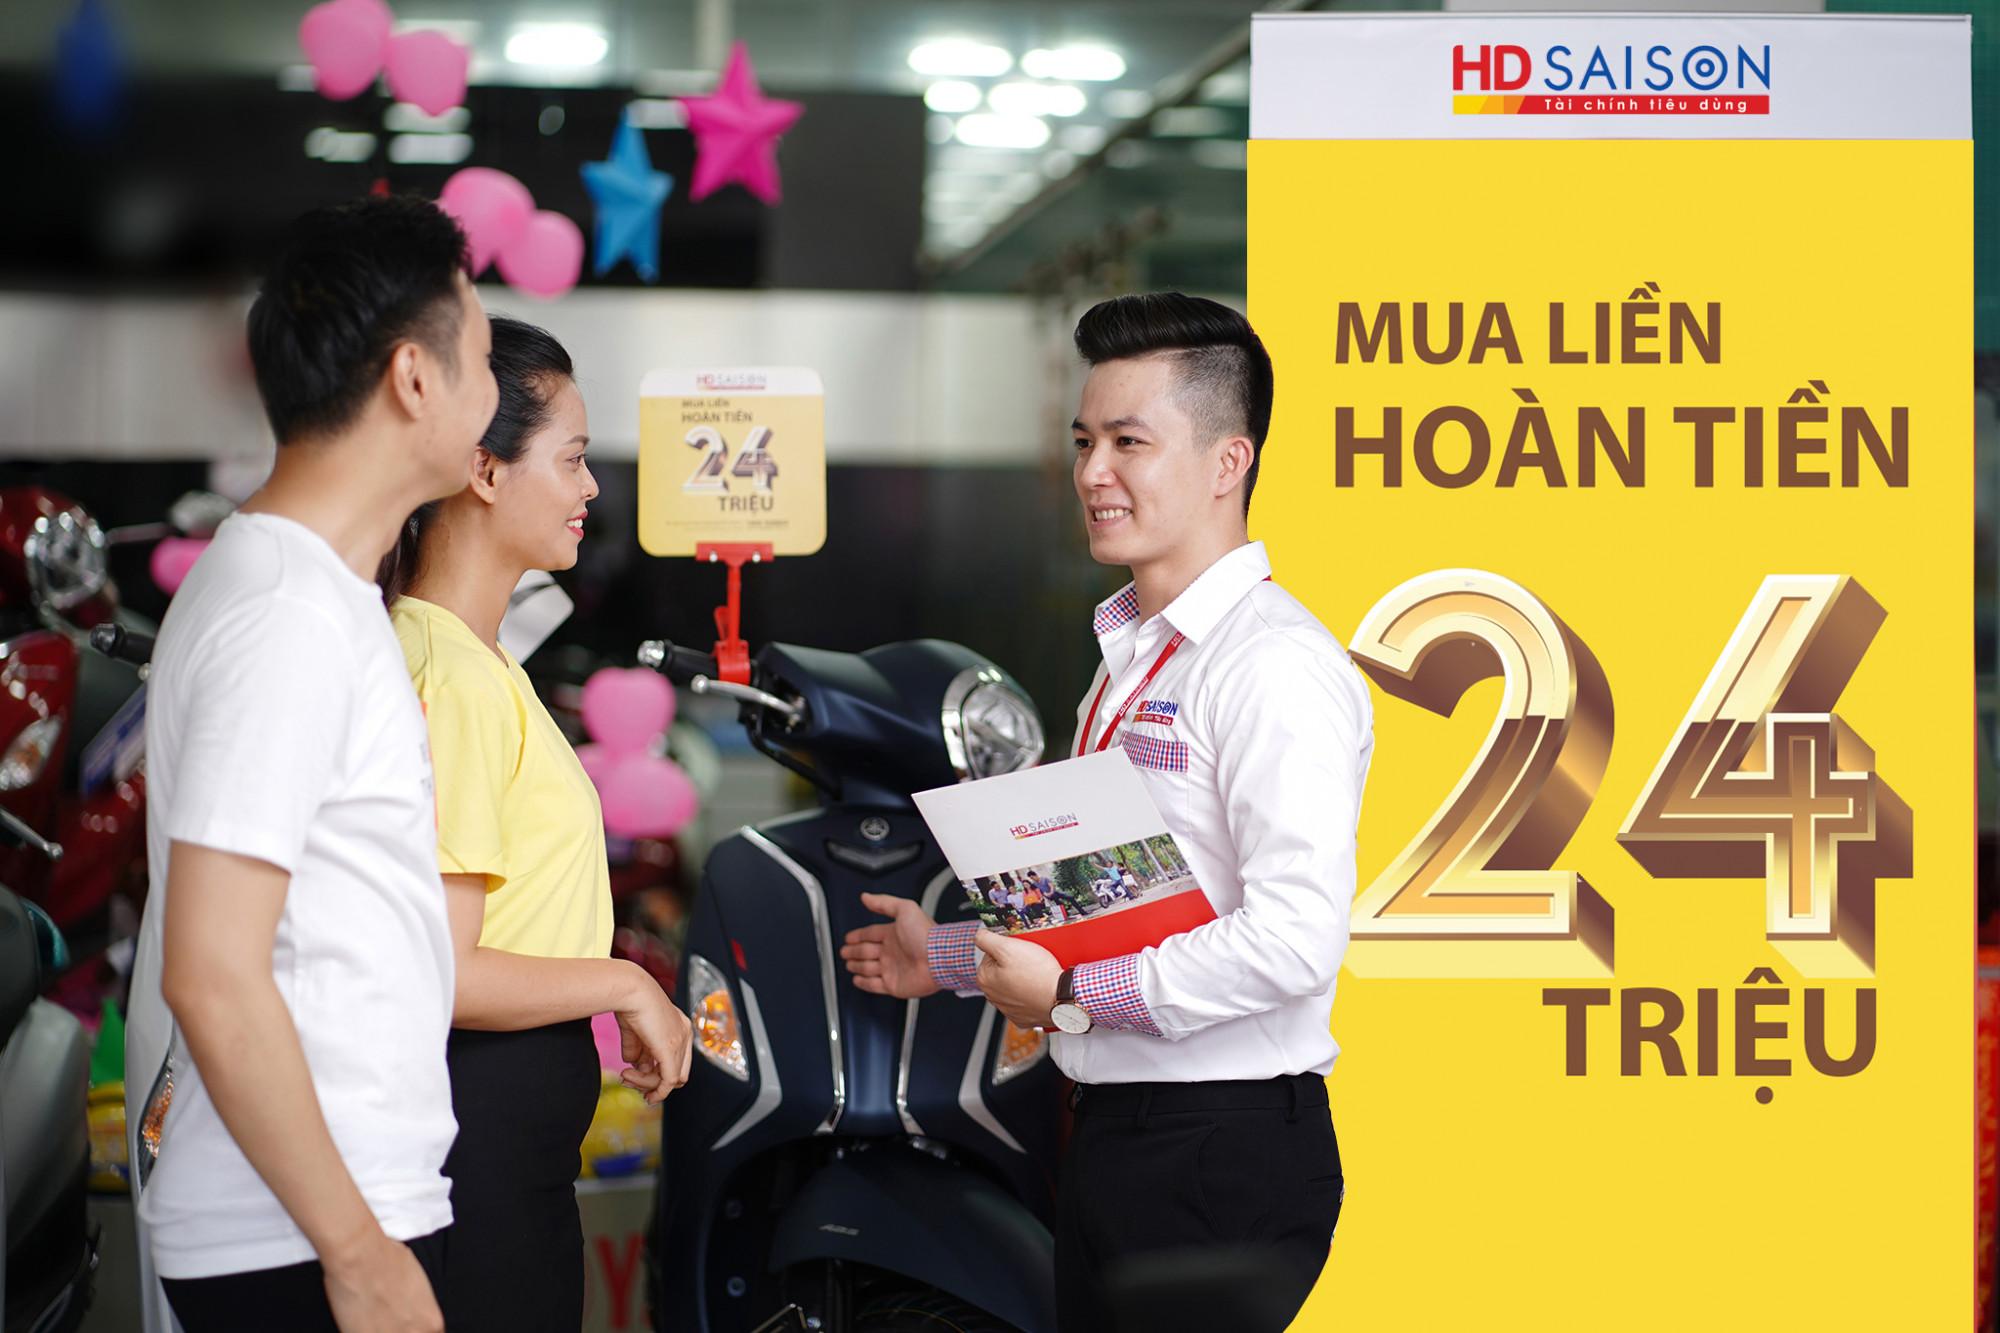 HD SAISON thỏa mãn nhu cầu của khách hàng bằng việc cung cấp đa dạng giải pháp tài chính - Ảnh: HD SAISON